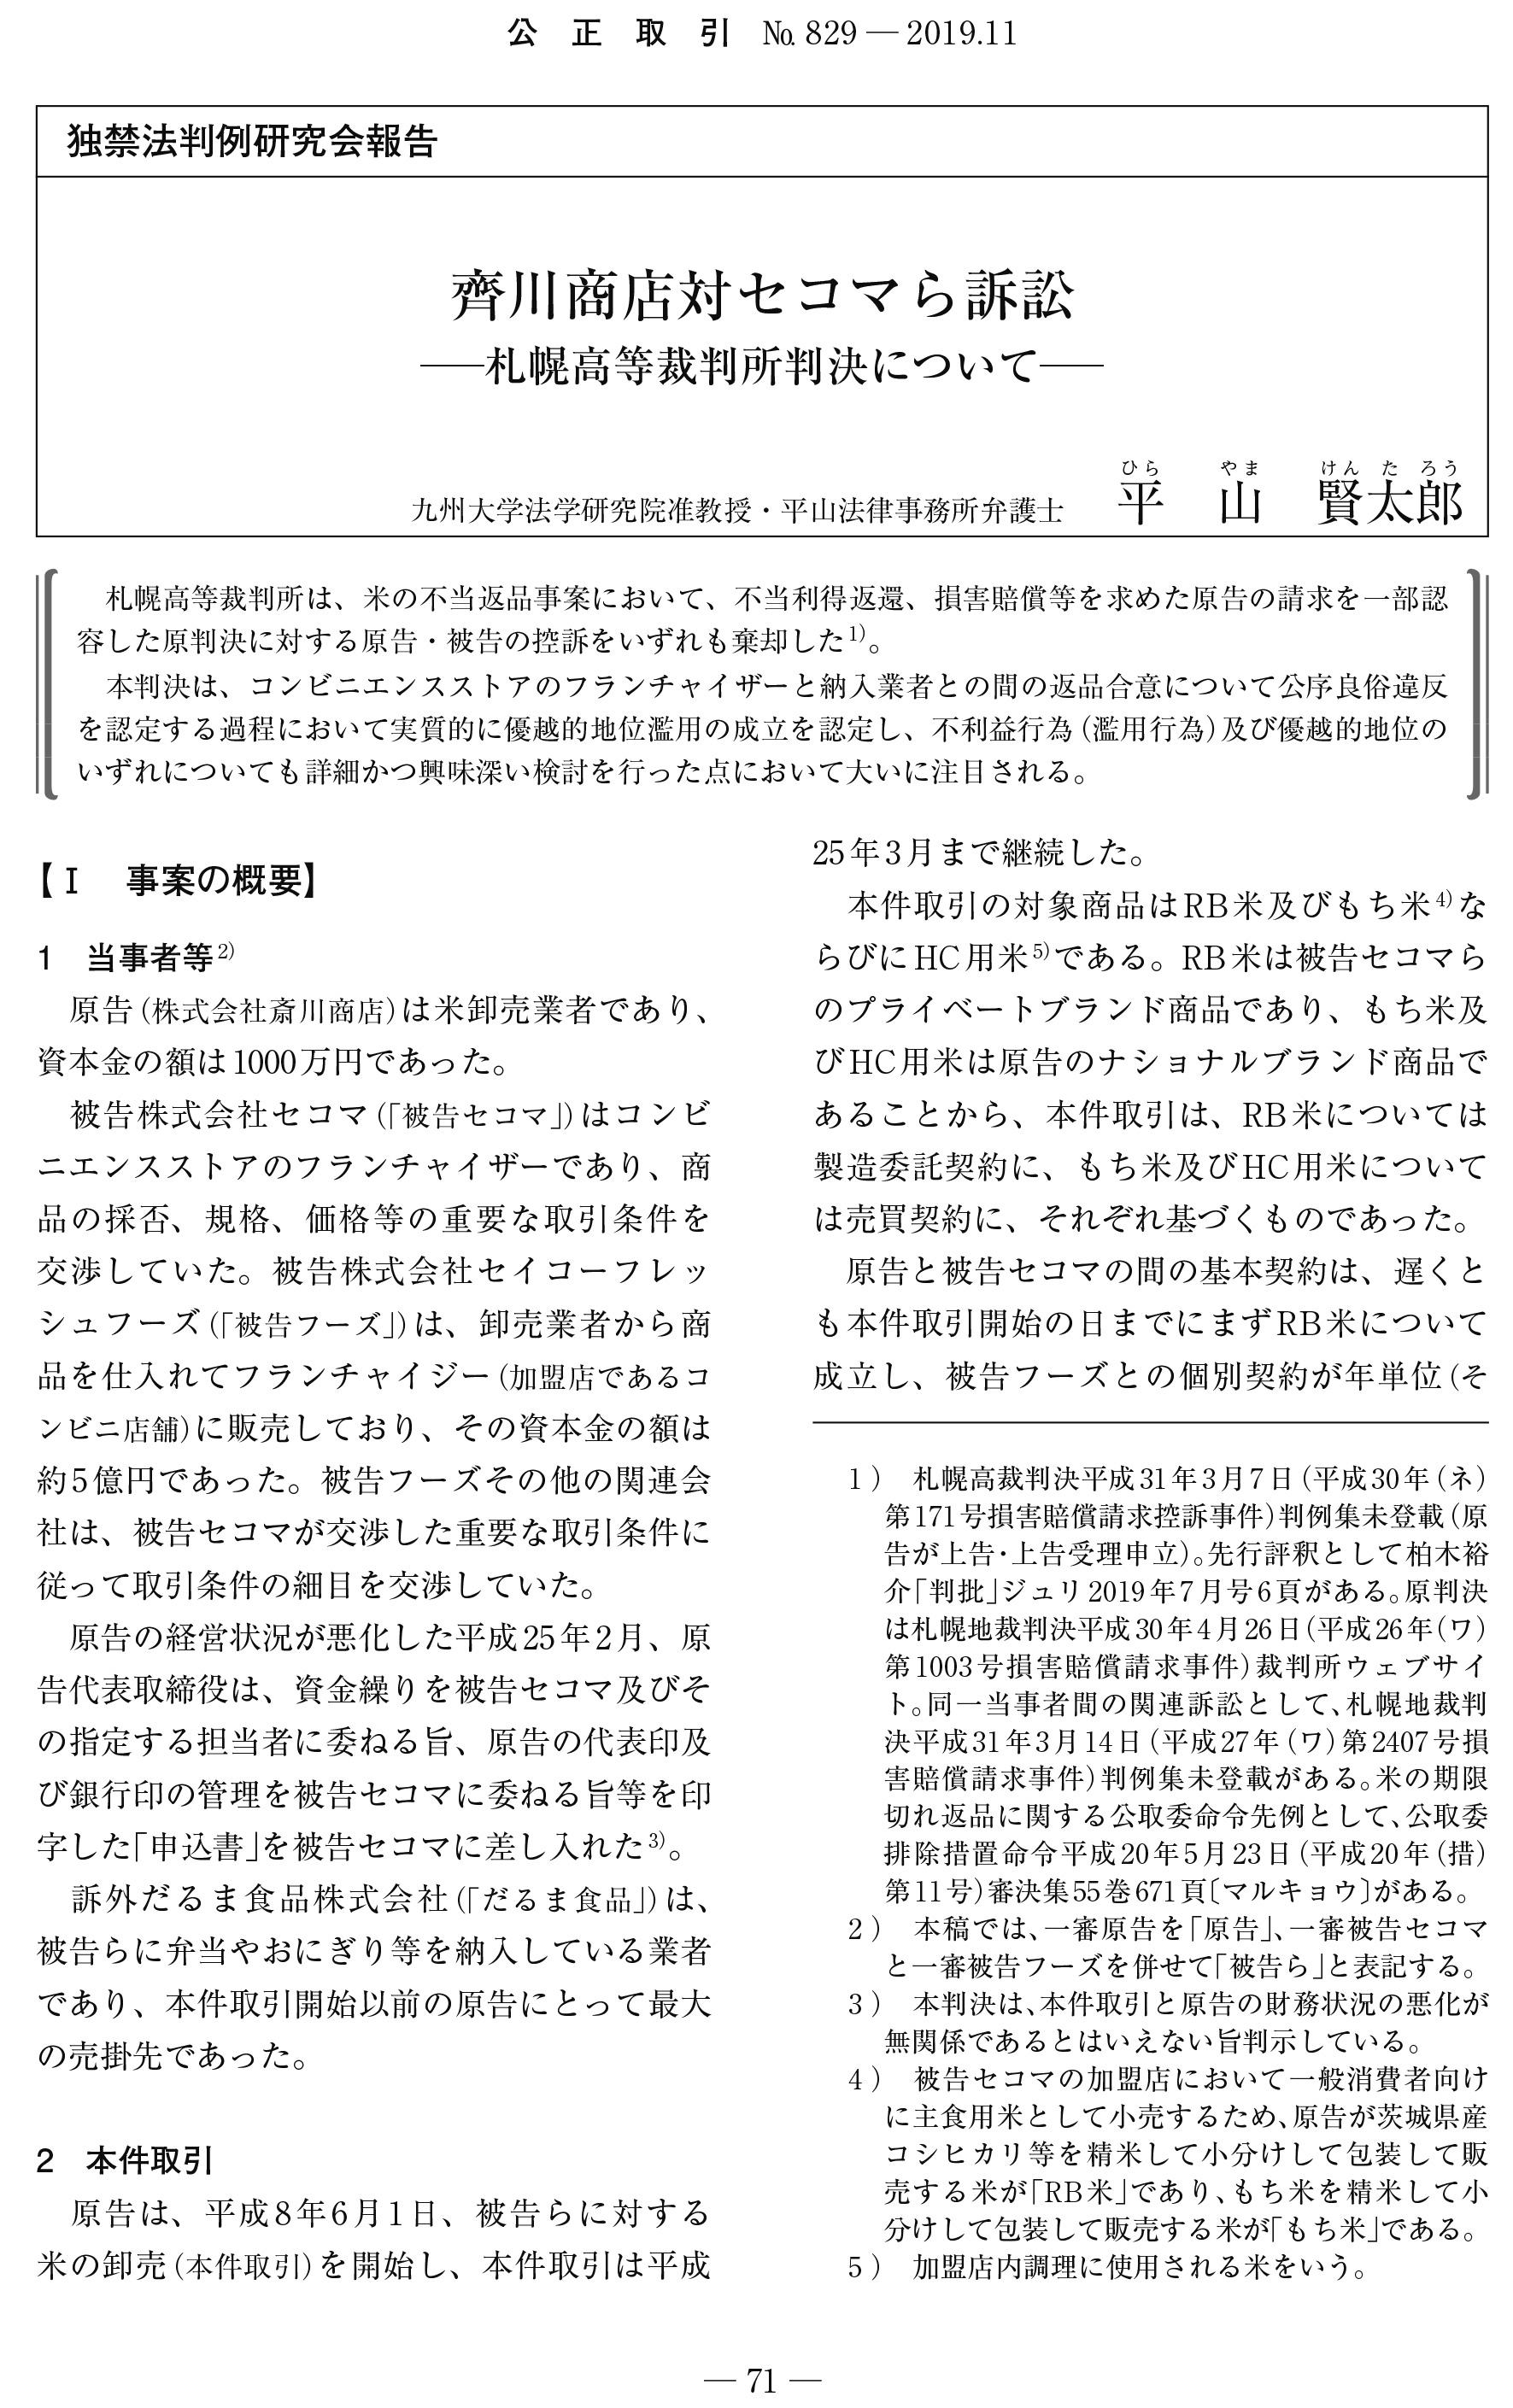 コンビニエンスストア本部による不当返品事件(斎川商店対セコマら訴訟)